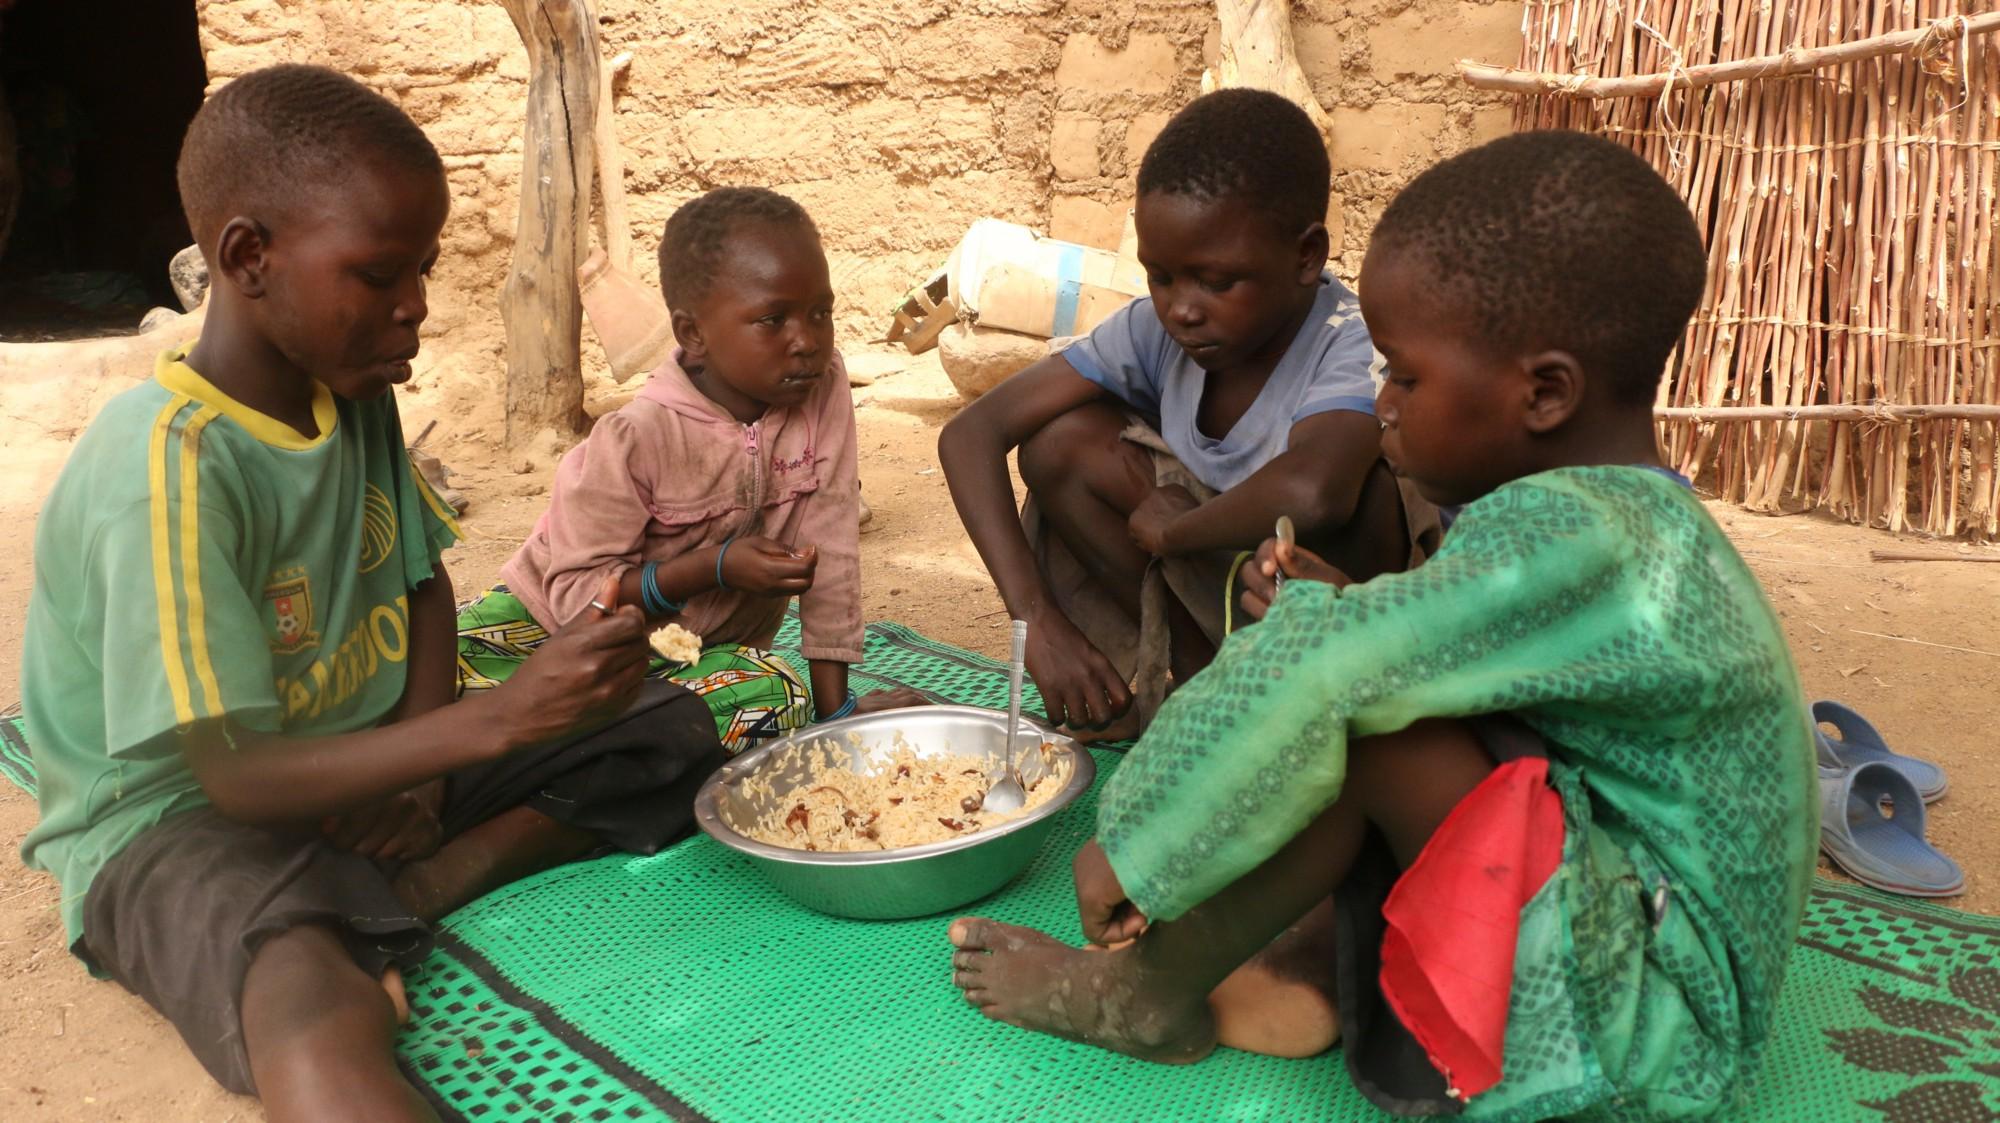 COVID-19 khiến 10 triệu trẻ em có nguy cơ bị suy dinh dưỡng cấp tính